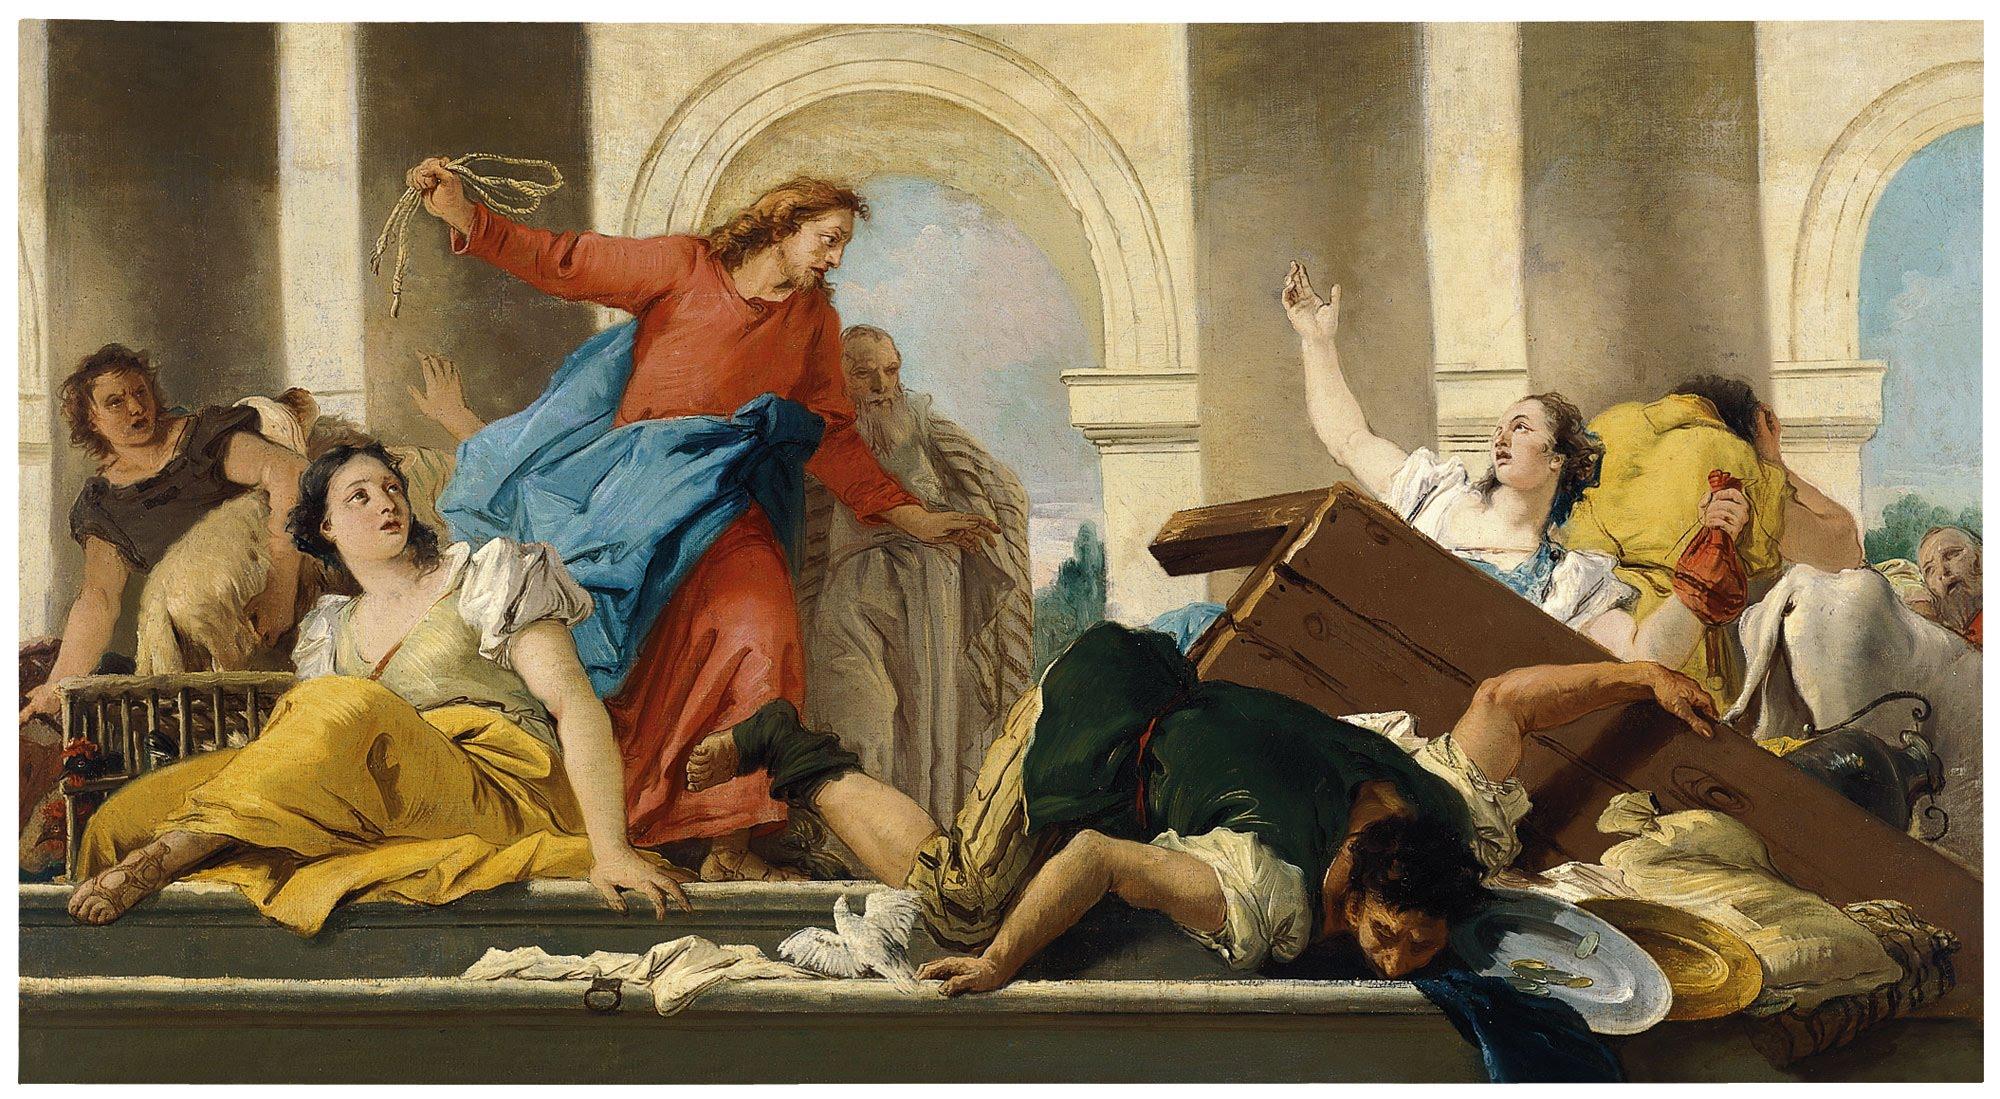 Jesus expulsa a los mercaderes del templo krouillong comunion en la mano es sacrilegio